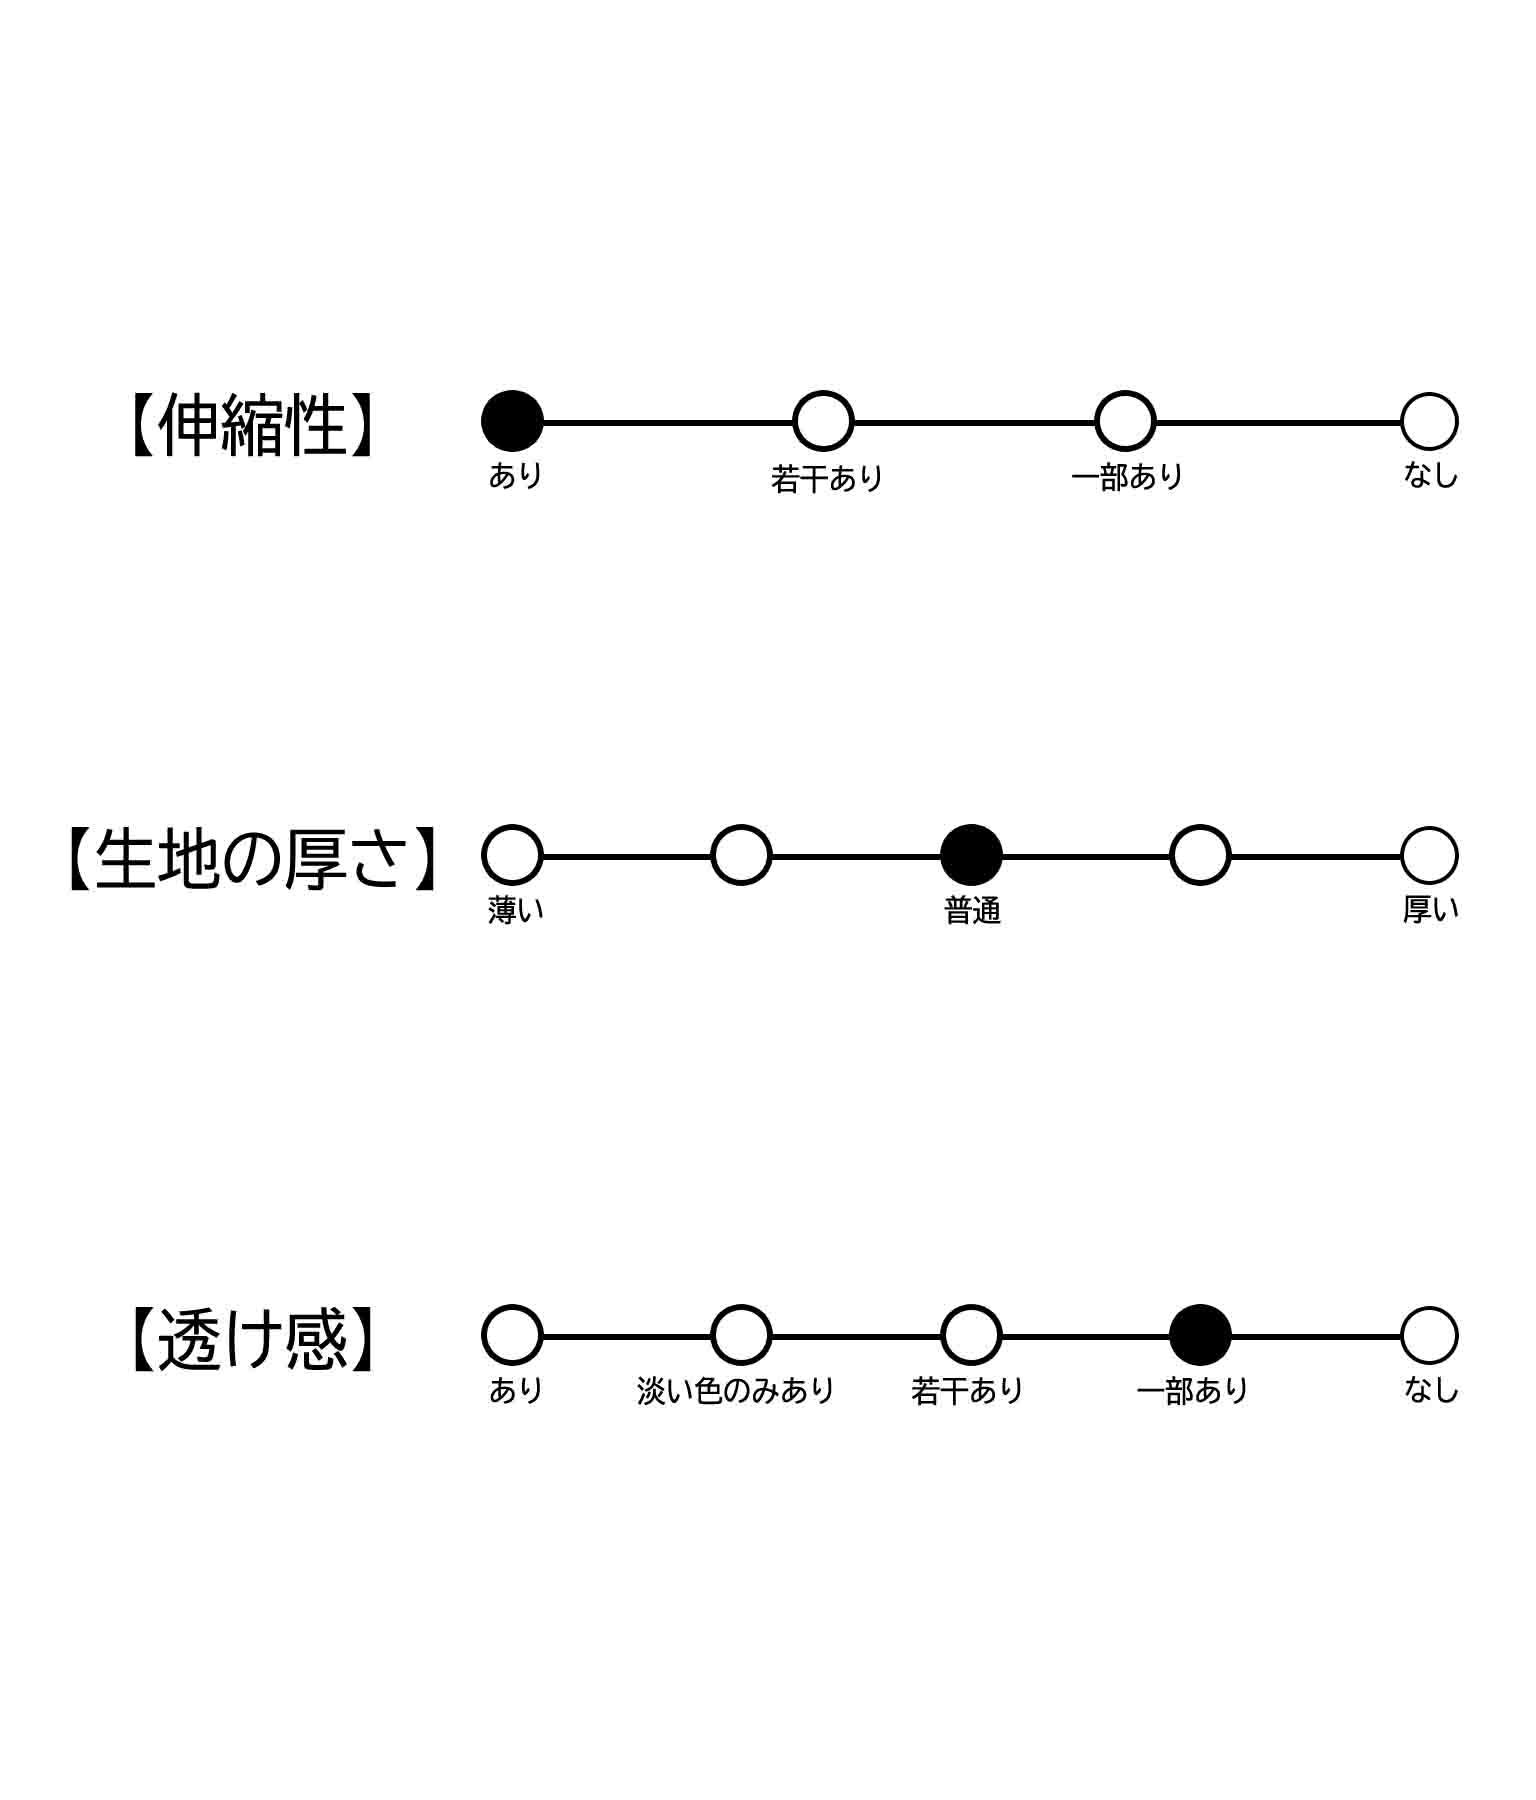 マットPVC切替トップス(トップス/スウェット・トレーナー) | ANAP GiRL